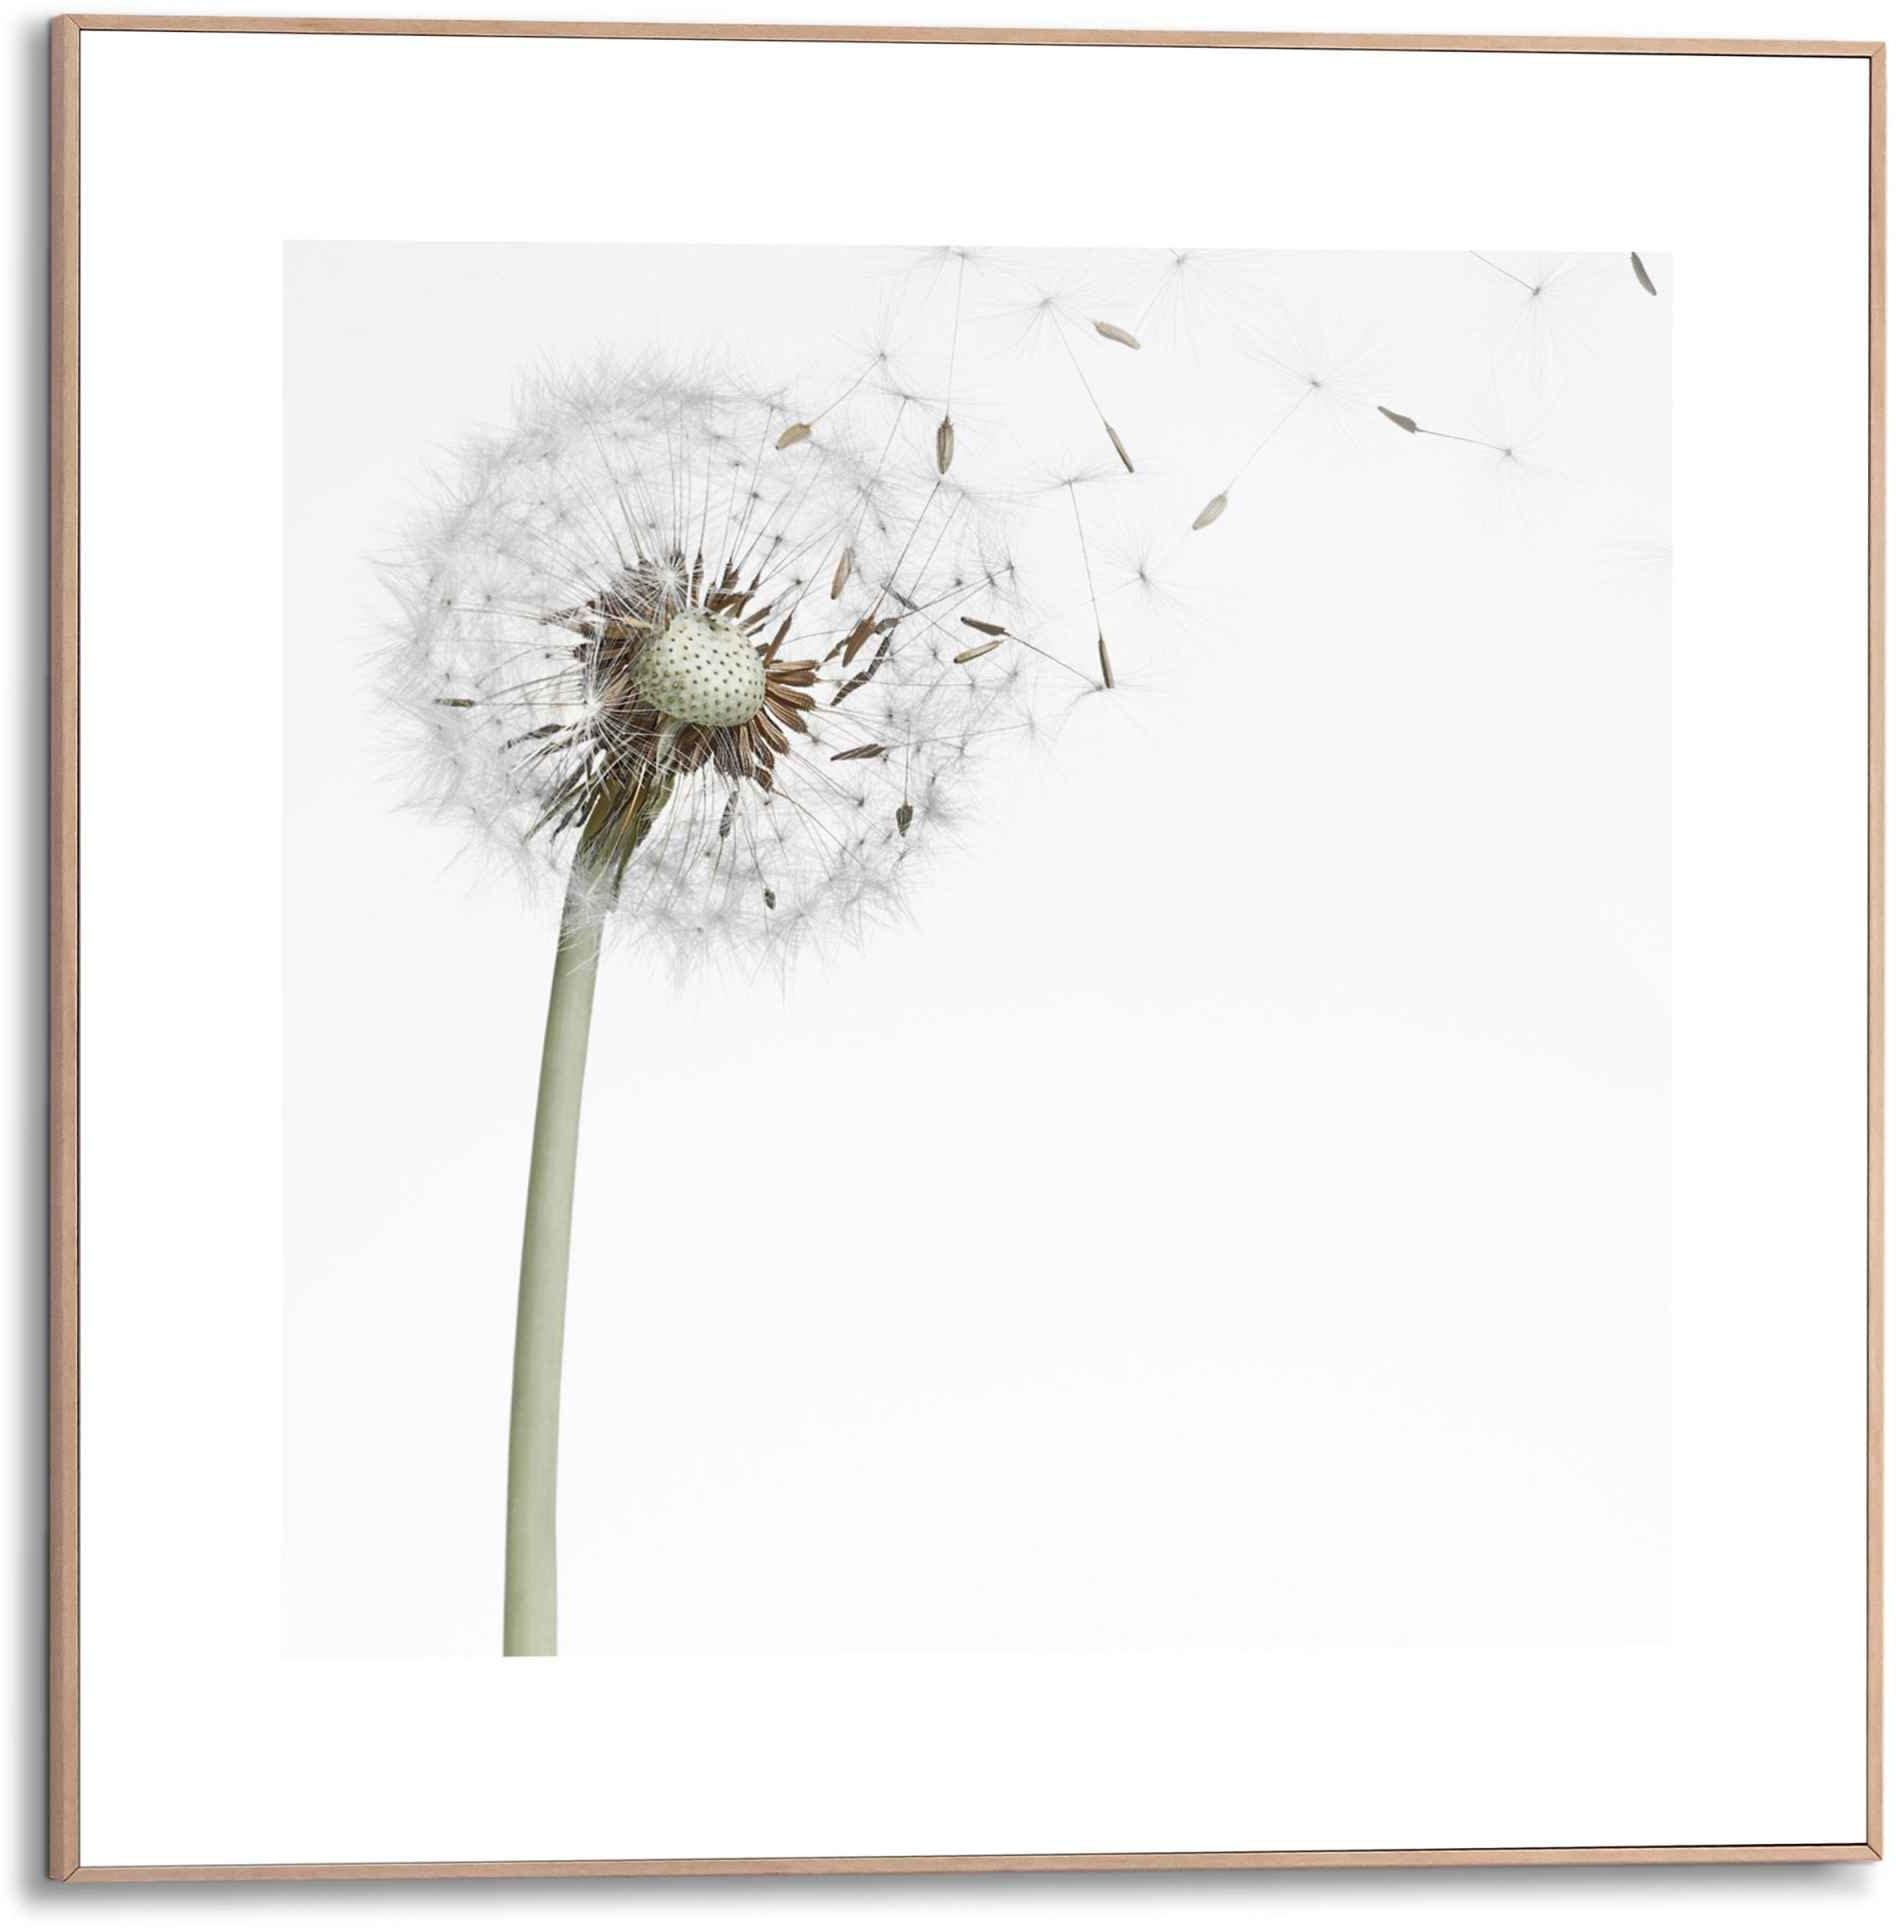 Reinders! wanddecoratie Gerahmtes Bild Pusteblume (1 stuk) voordelig en veilig online kopen